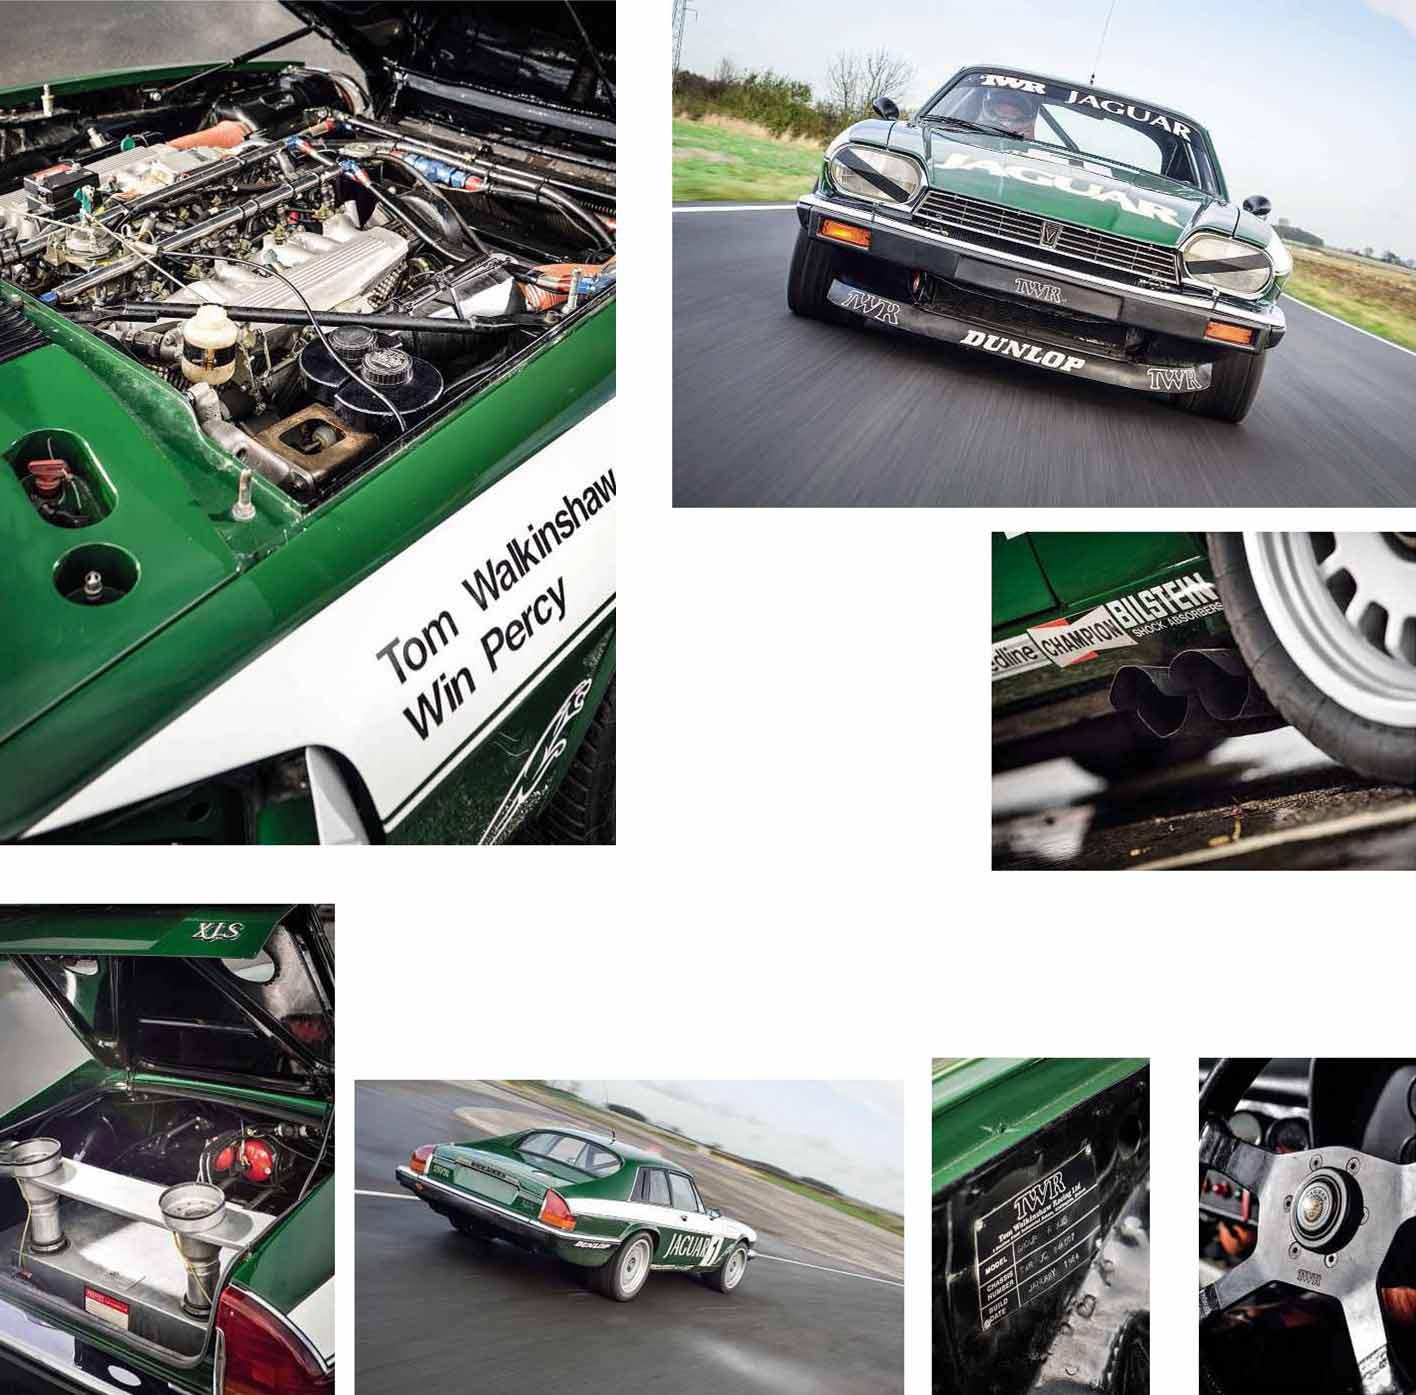 1984 TWR Jaguar XJS